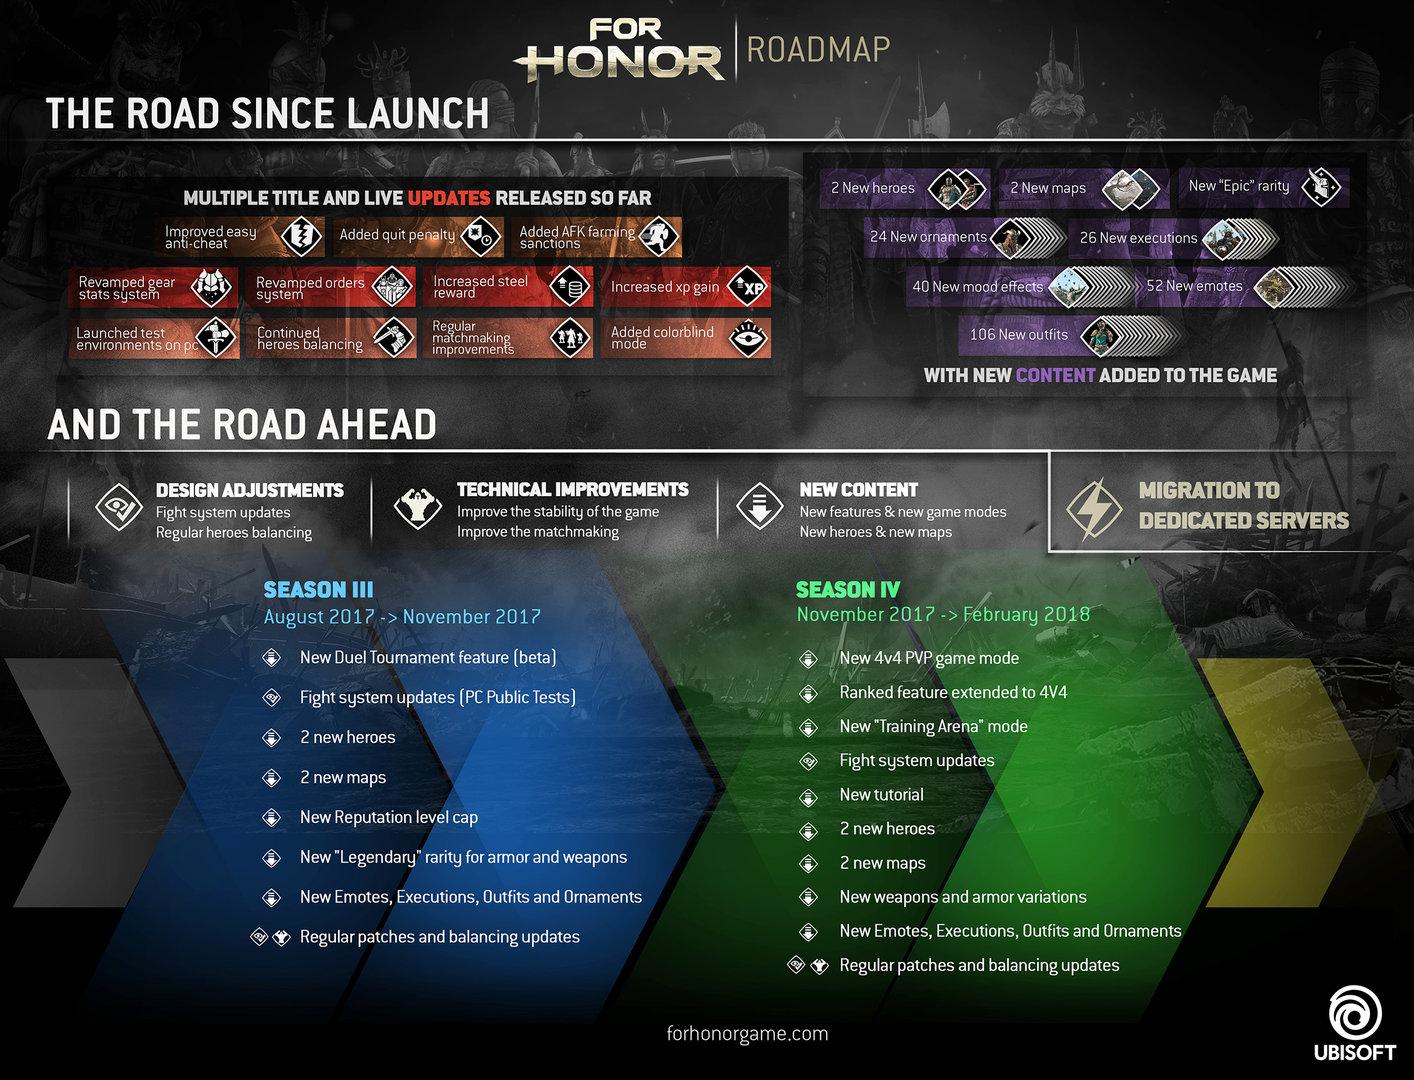 Die Roadmap für For Honor zeigt die Pläne von Ubisoft auf